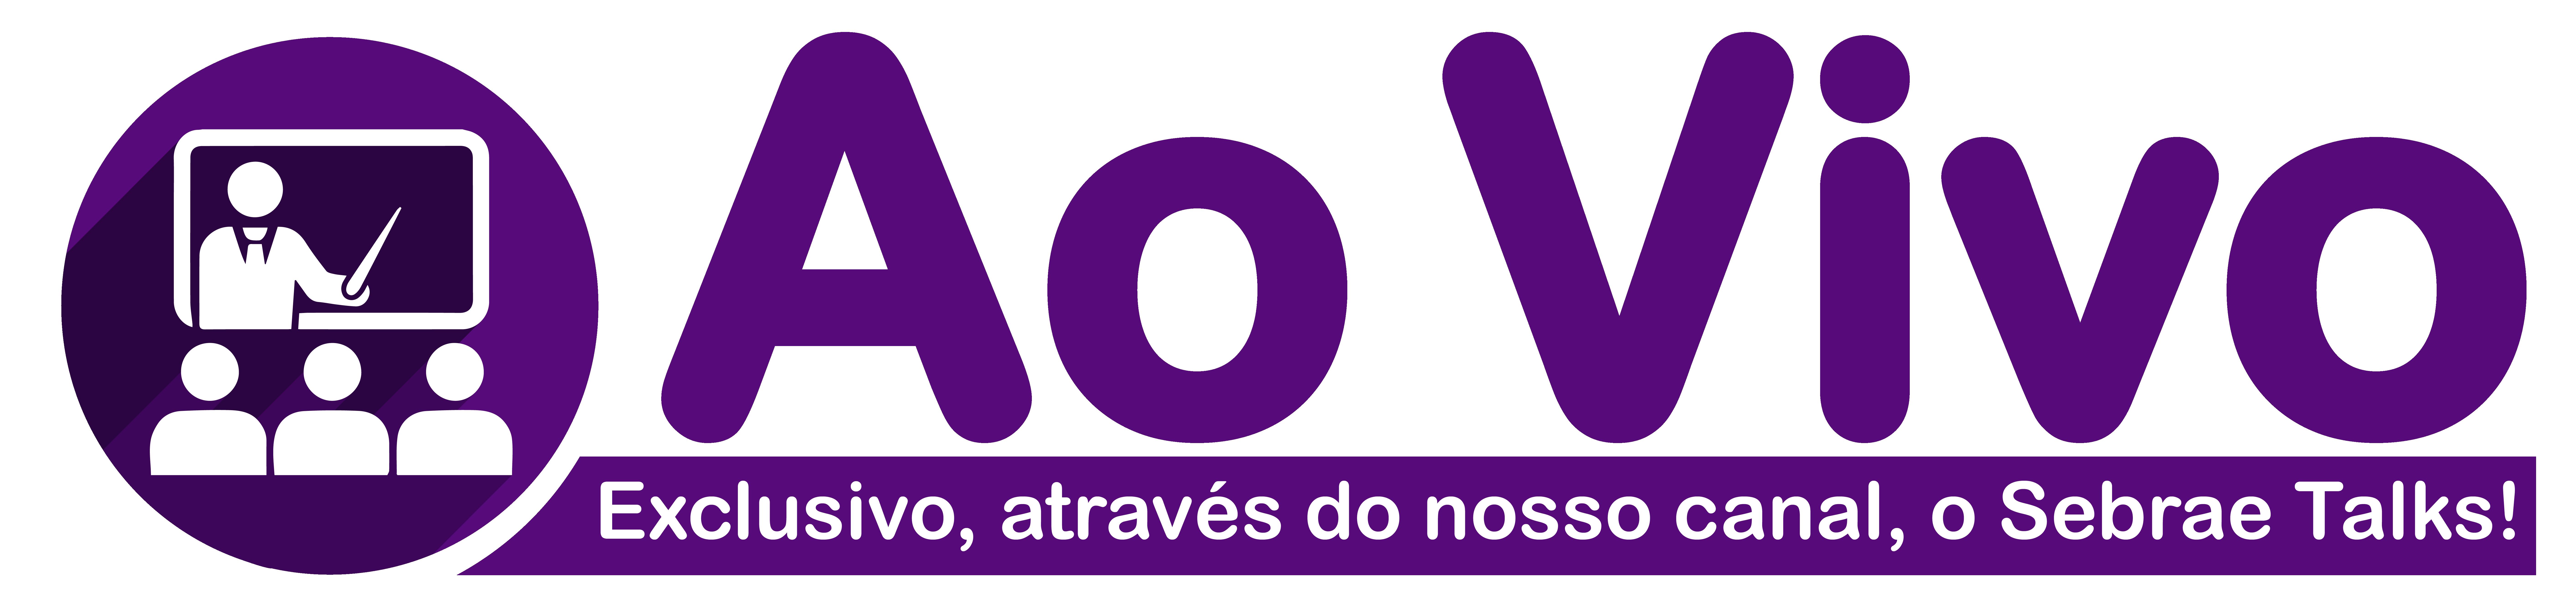 Ao Vivo - Exclusivo, através do nosso canal, o Sebrae talks!